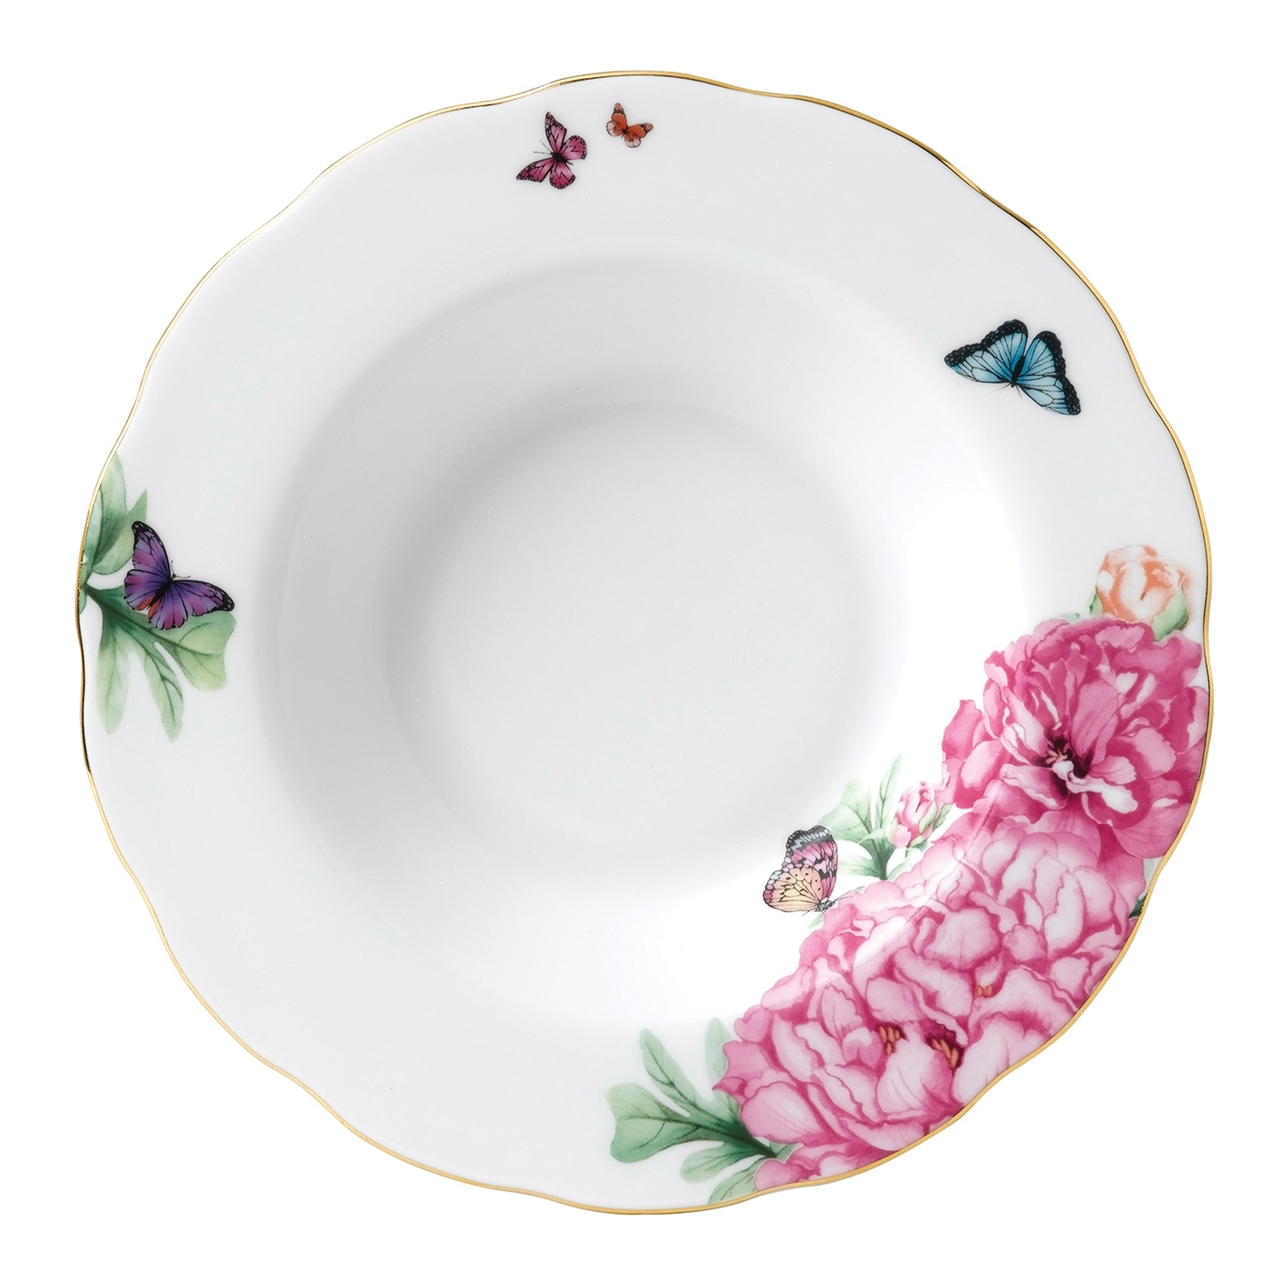 Royal Albert Miranda Kerr Friendship Soup Bowl 24cm